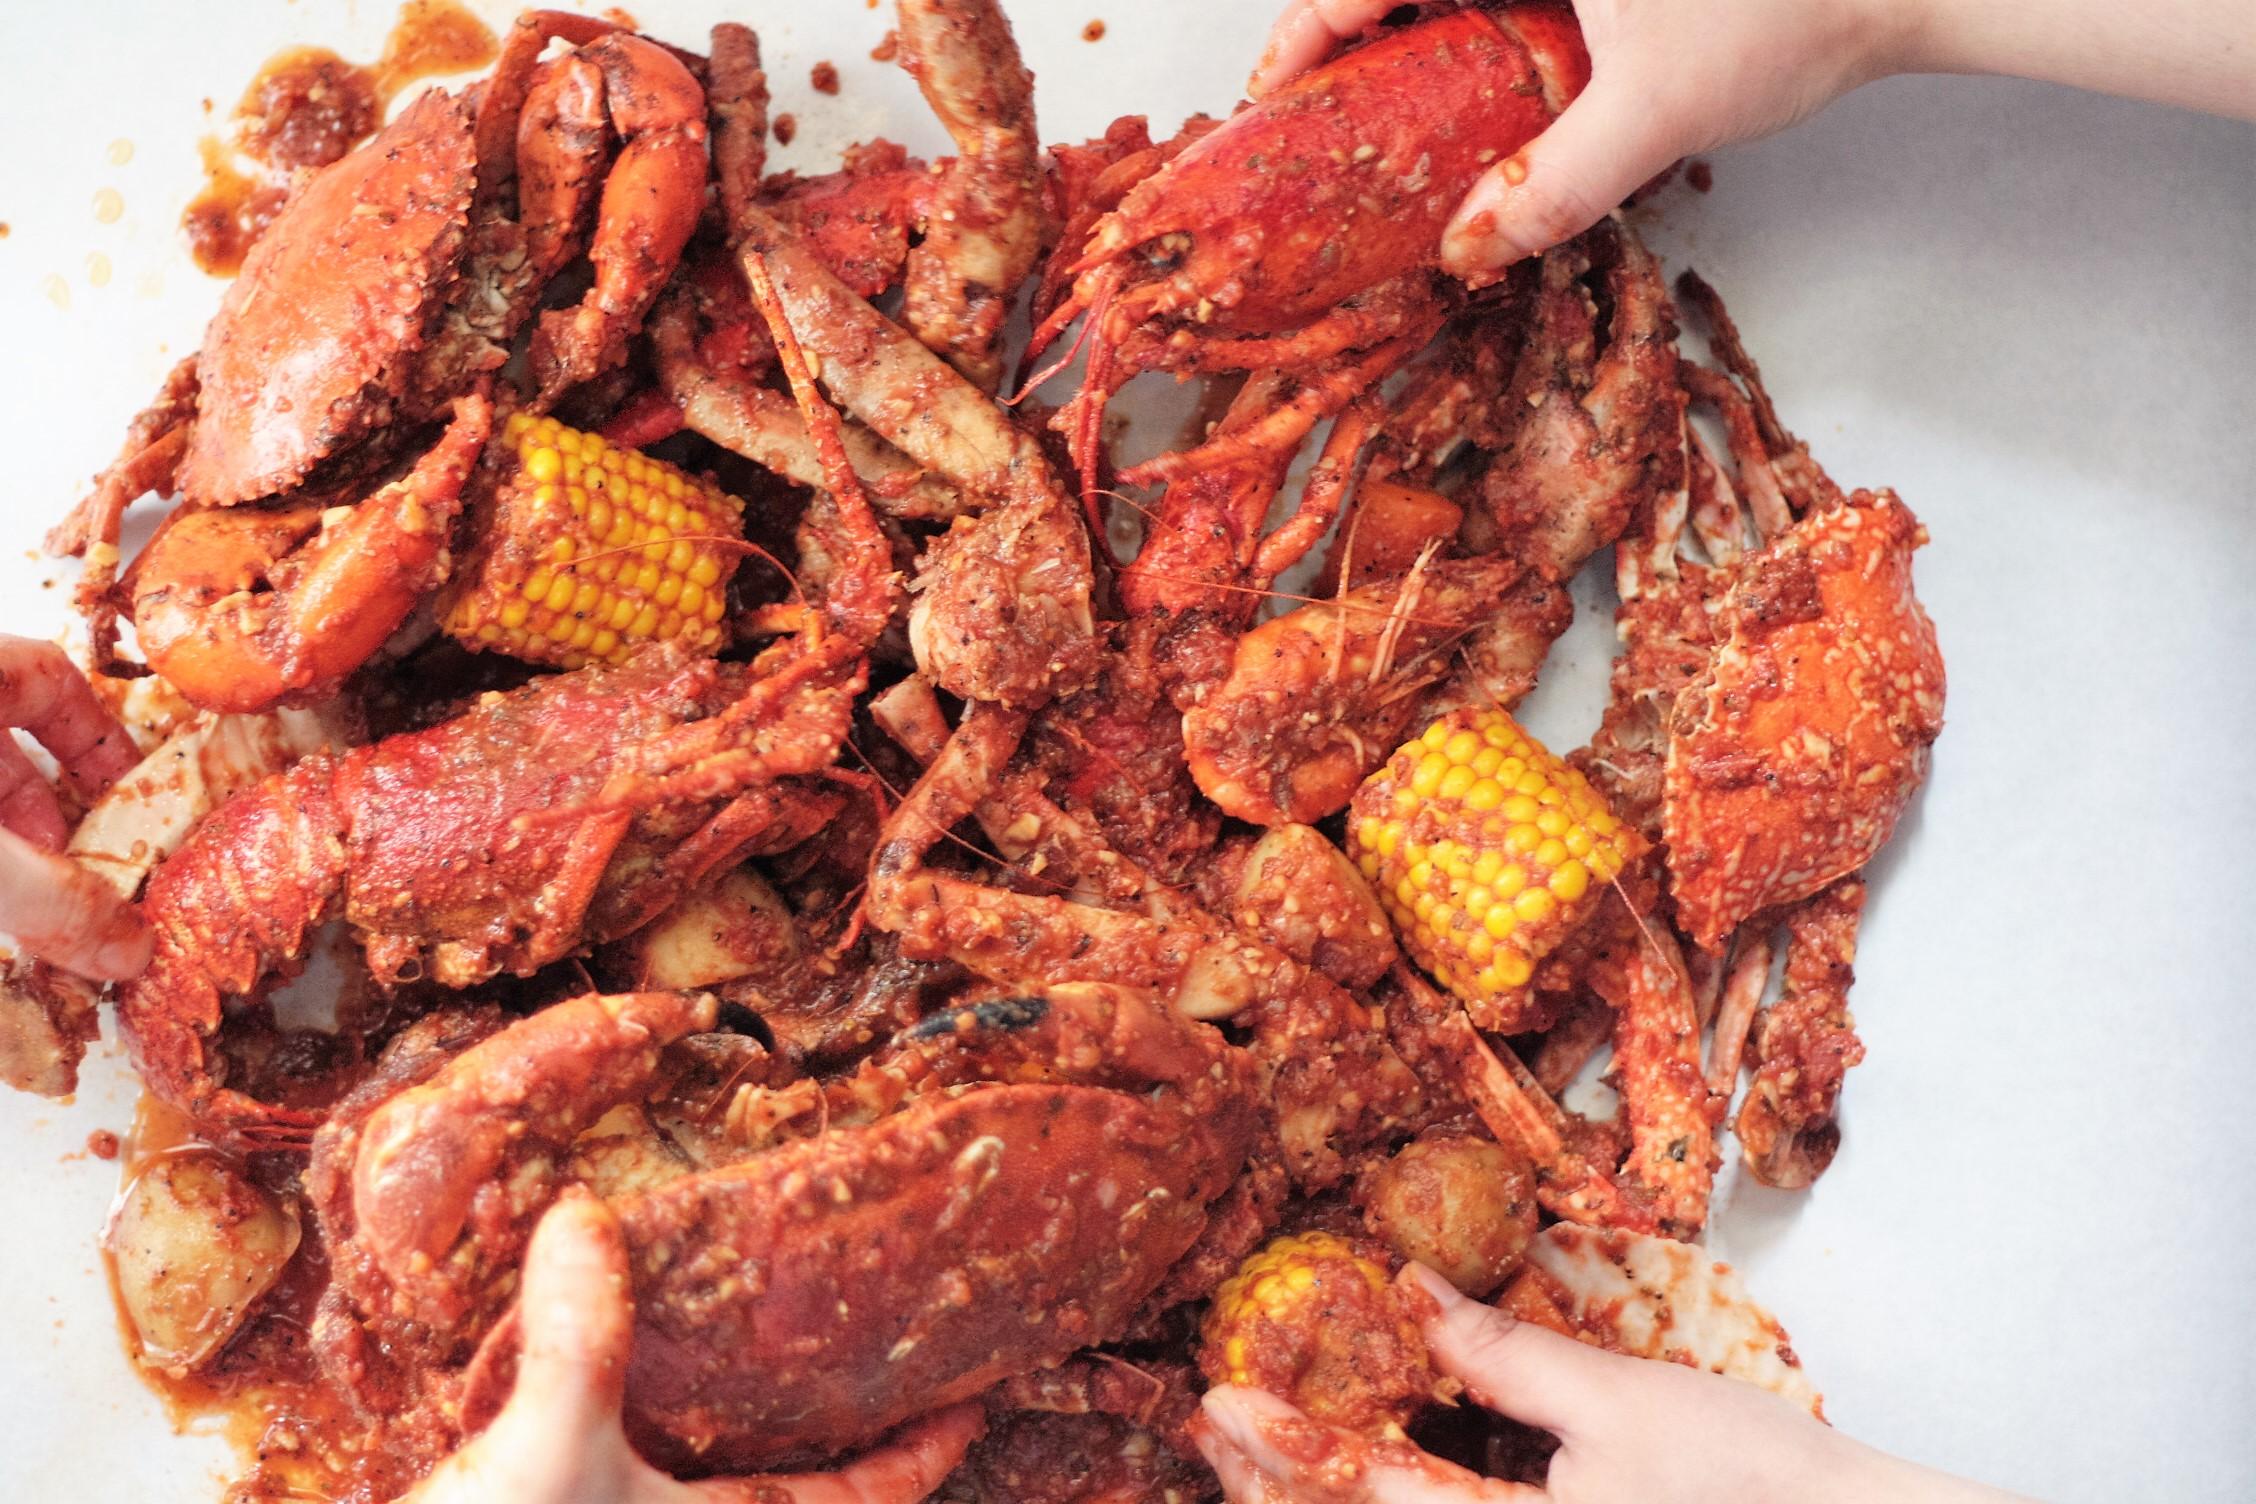 ダンシング クラブ 【公式サイト】Dancing Crab(ダンシング・クラブ)